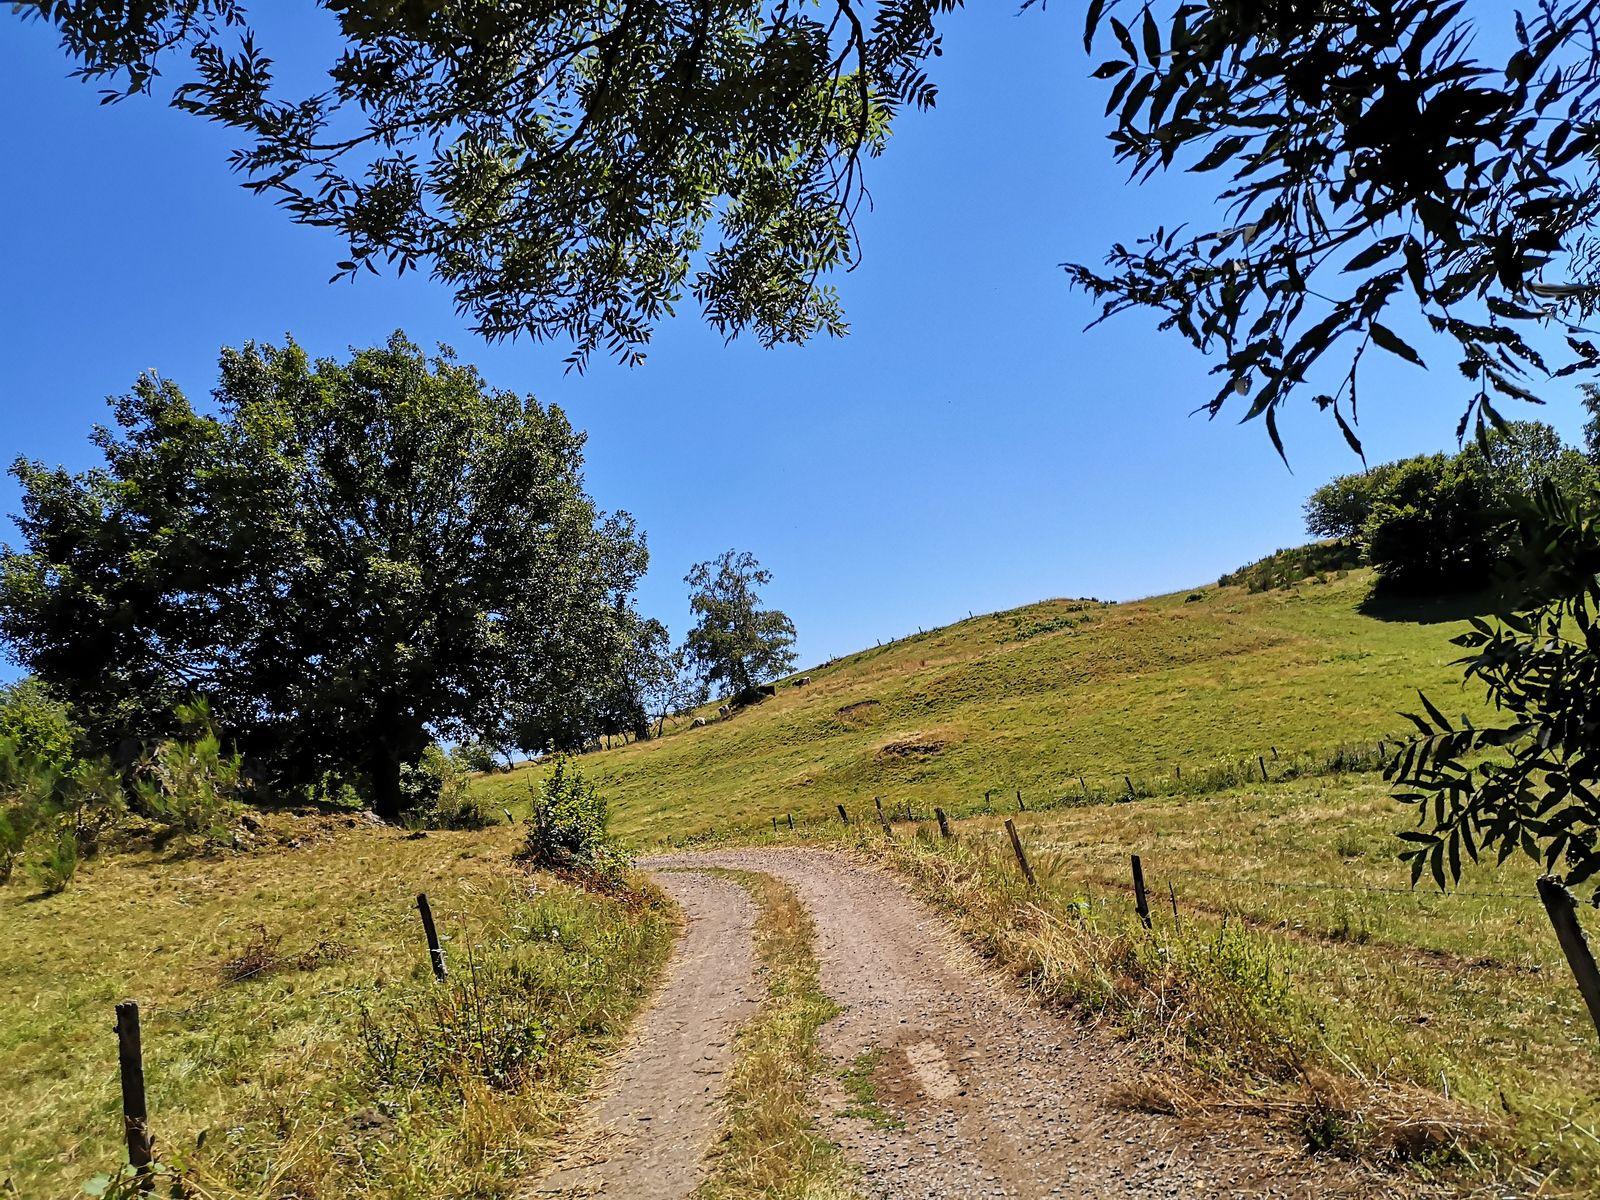 Après avoir franchi le dernier hameau, le goudron s'efface enfin pour laisser la place à des chemins carrossables.